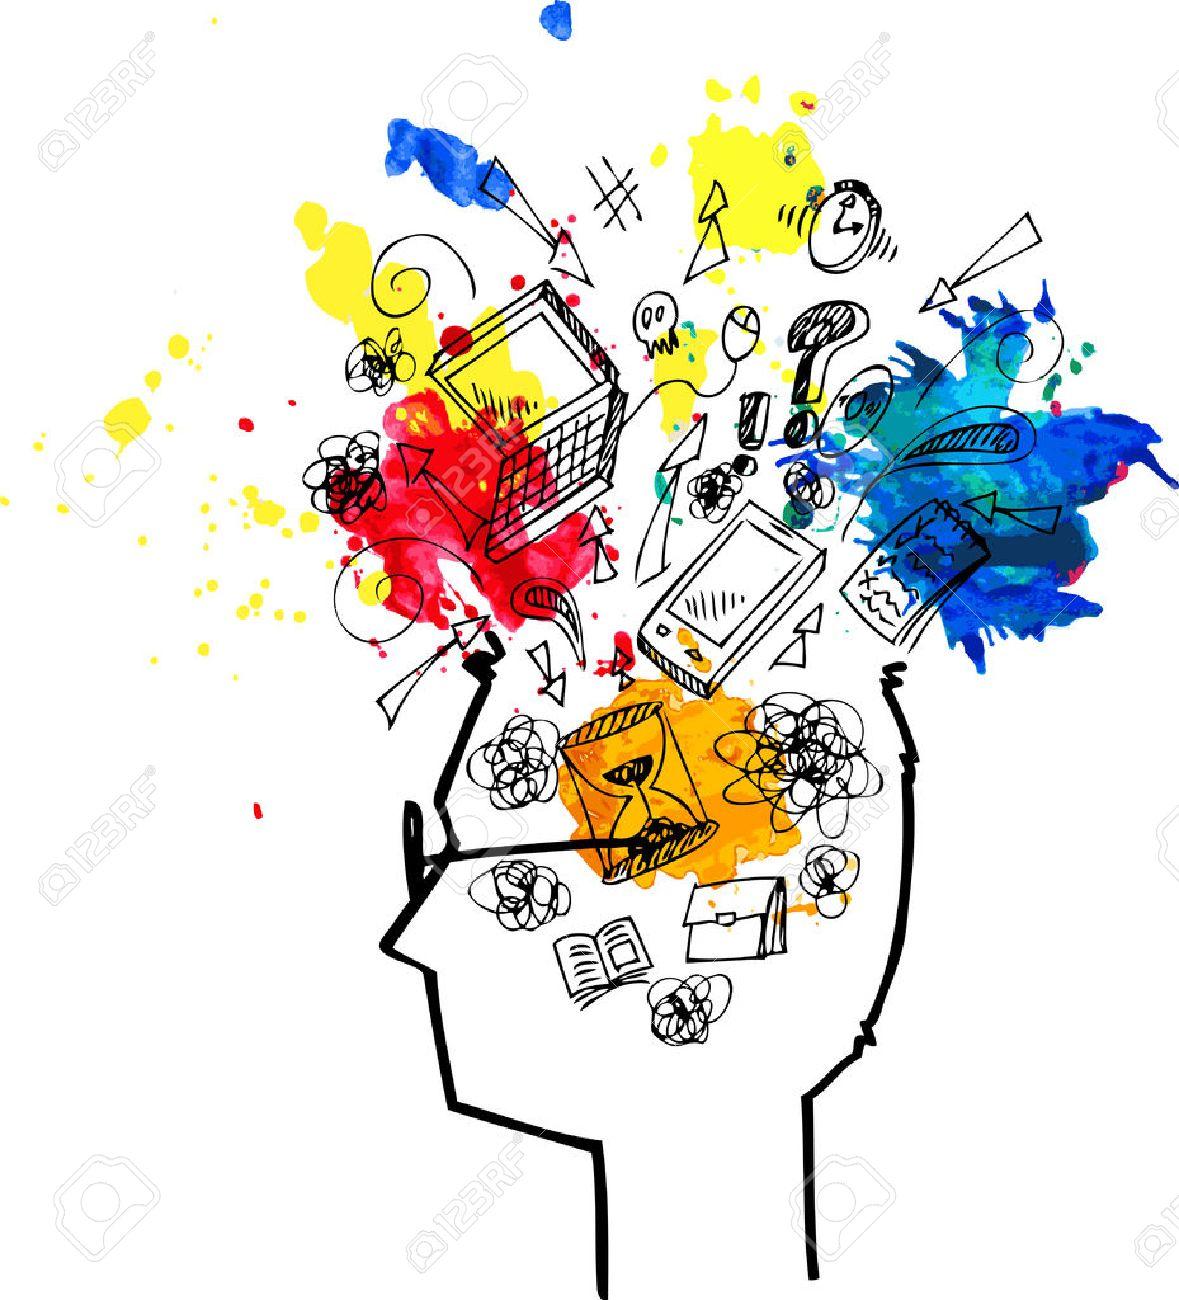 男は混乱している思考の完全な頭部のイラスト素材・ベクタ - Image ...